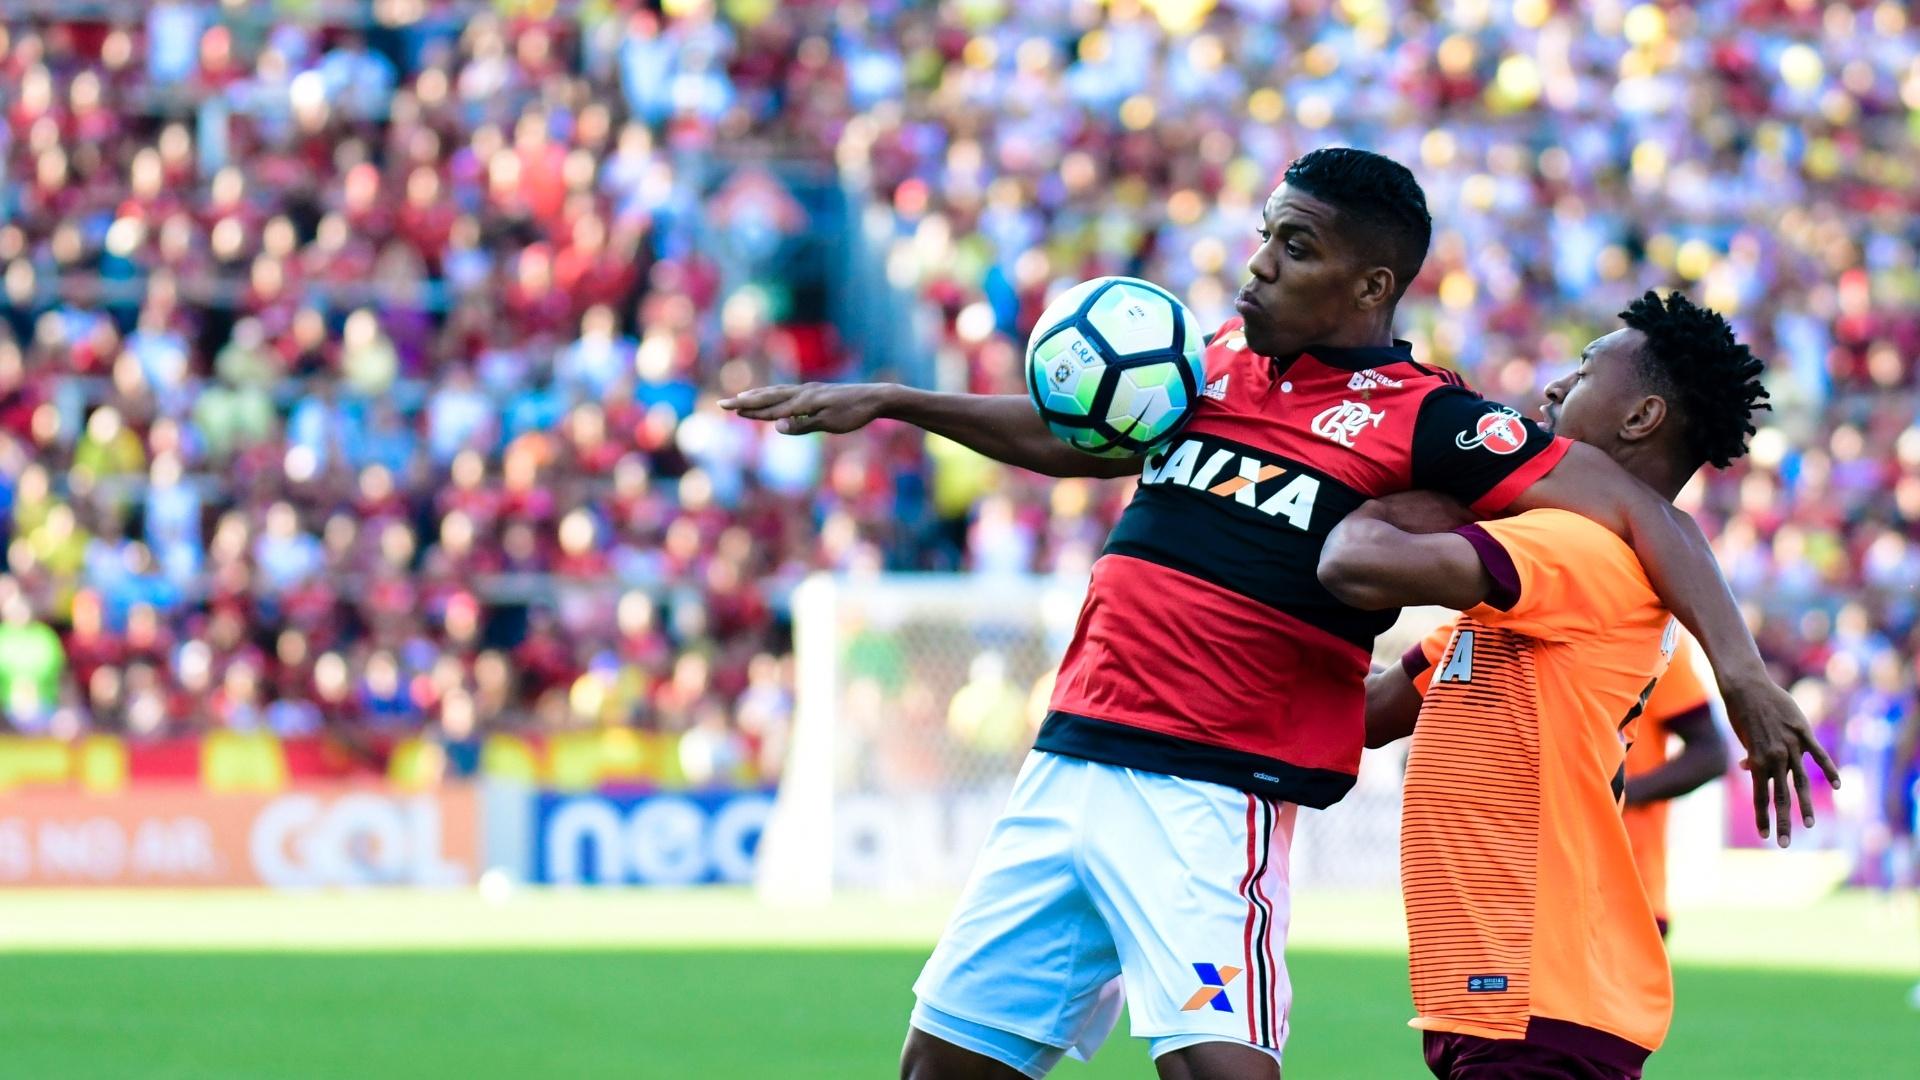 Berrío disputa a bola com Fabricio em jogo entre Flamengo e Atlético-PR